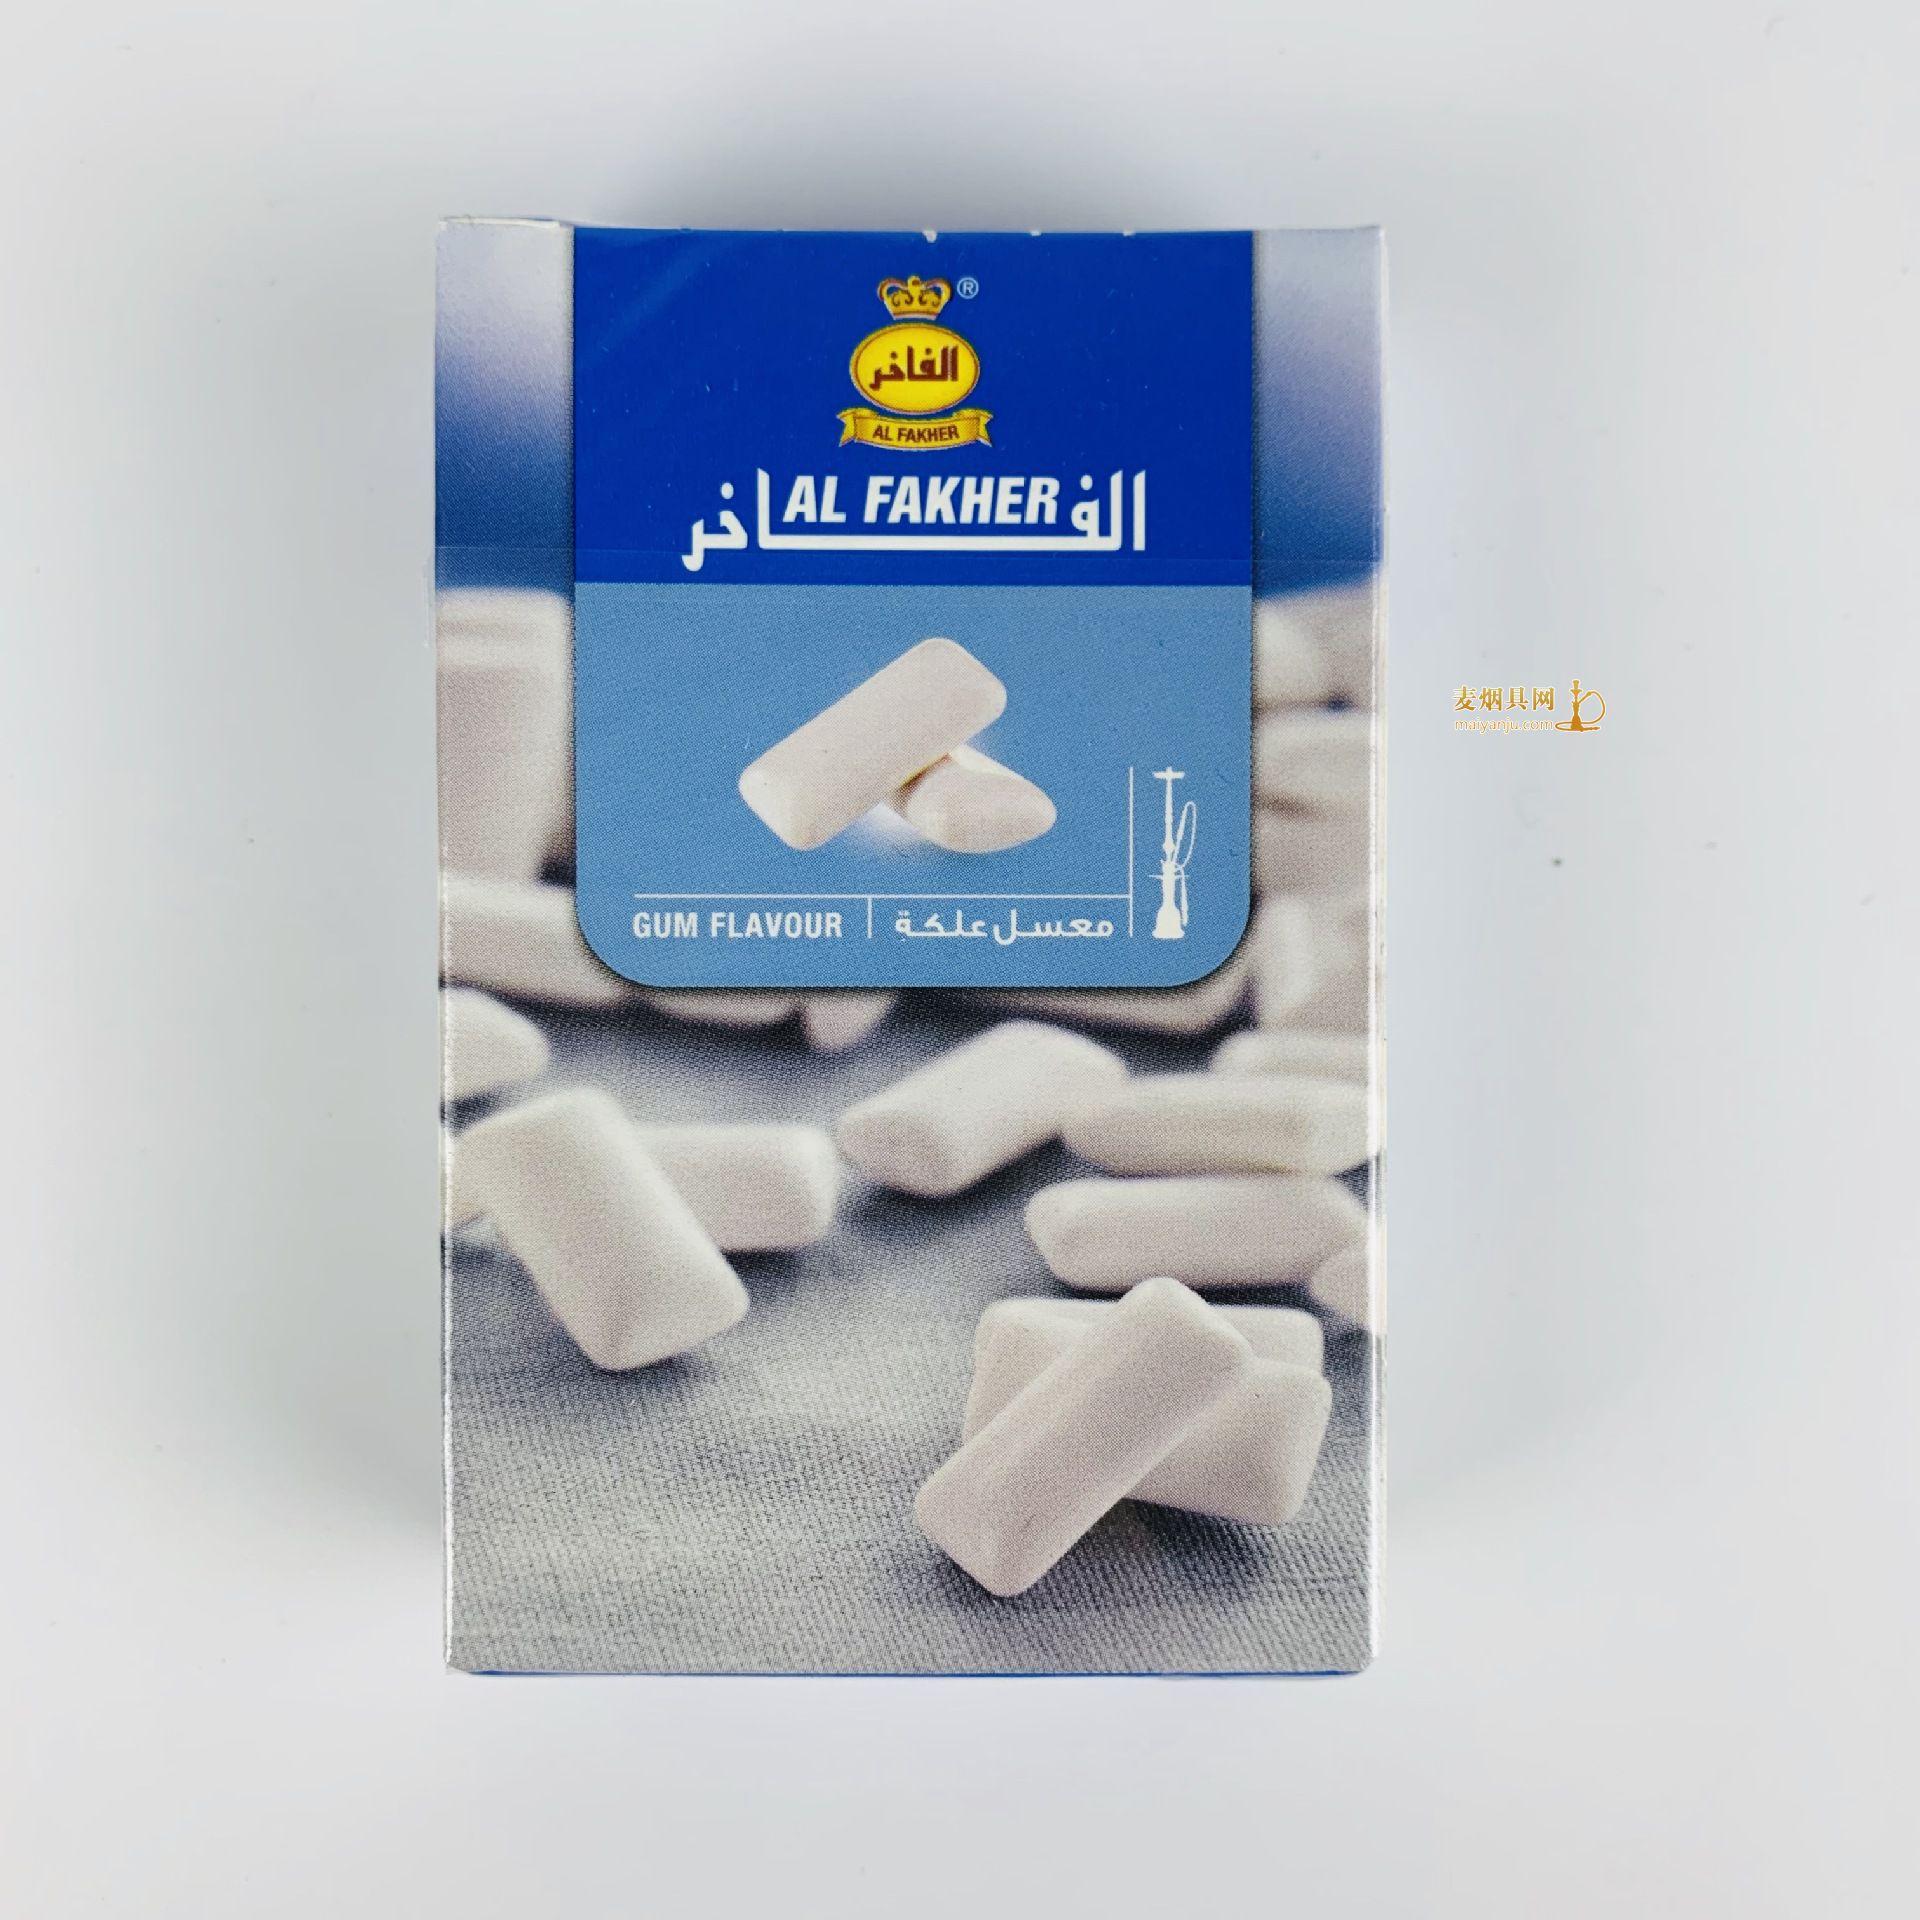 阿尔法赫alfakher50克水烟膏泡泡糖口味